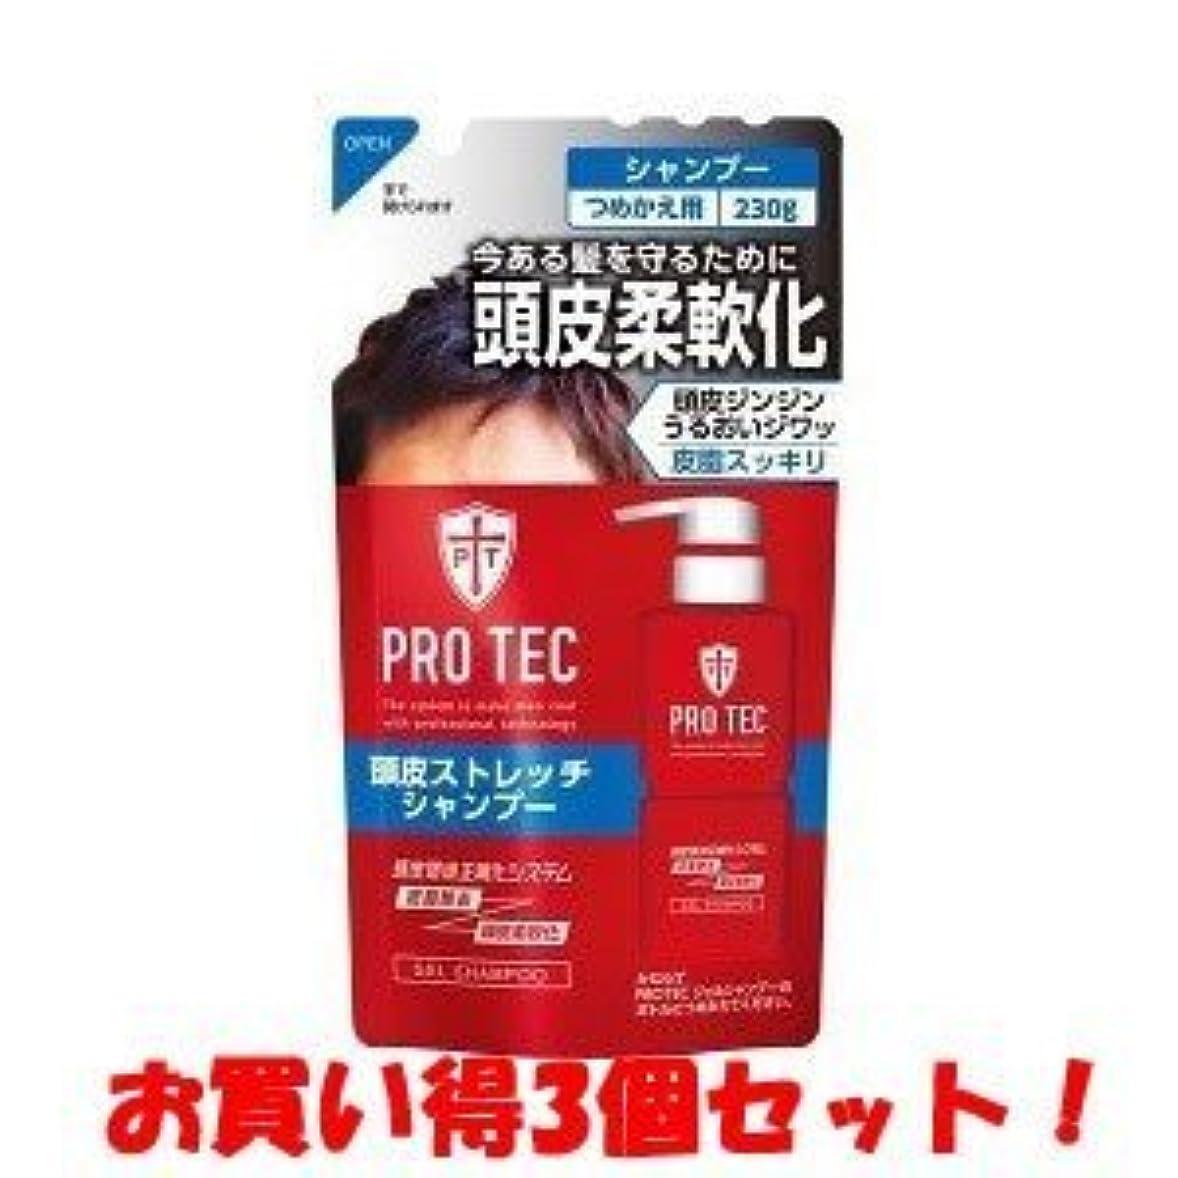 赤ちゃん削減影響(ライオン)PRO TEC(プロテク) 頭皮ストレッチ シャンプー つめかえ用 230g(医薬部外品)(お買い得3個セット)